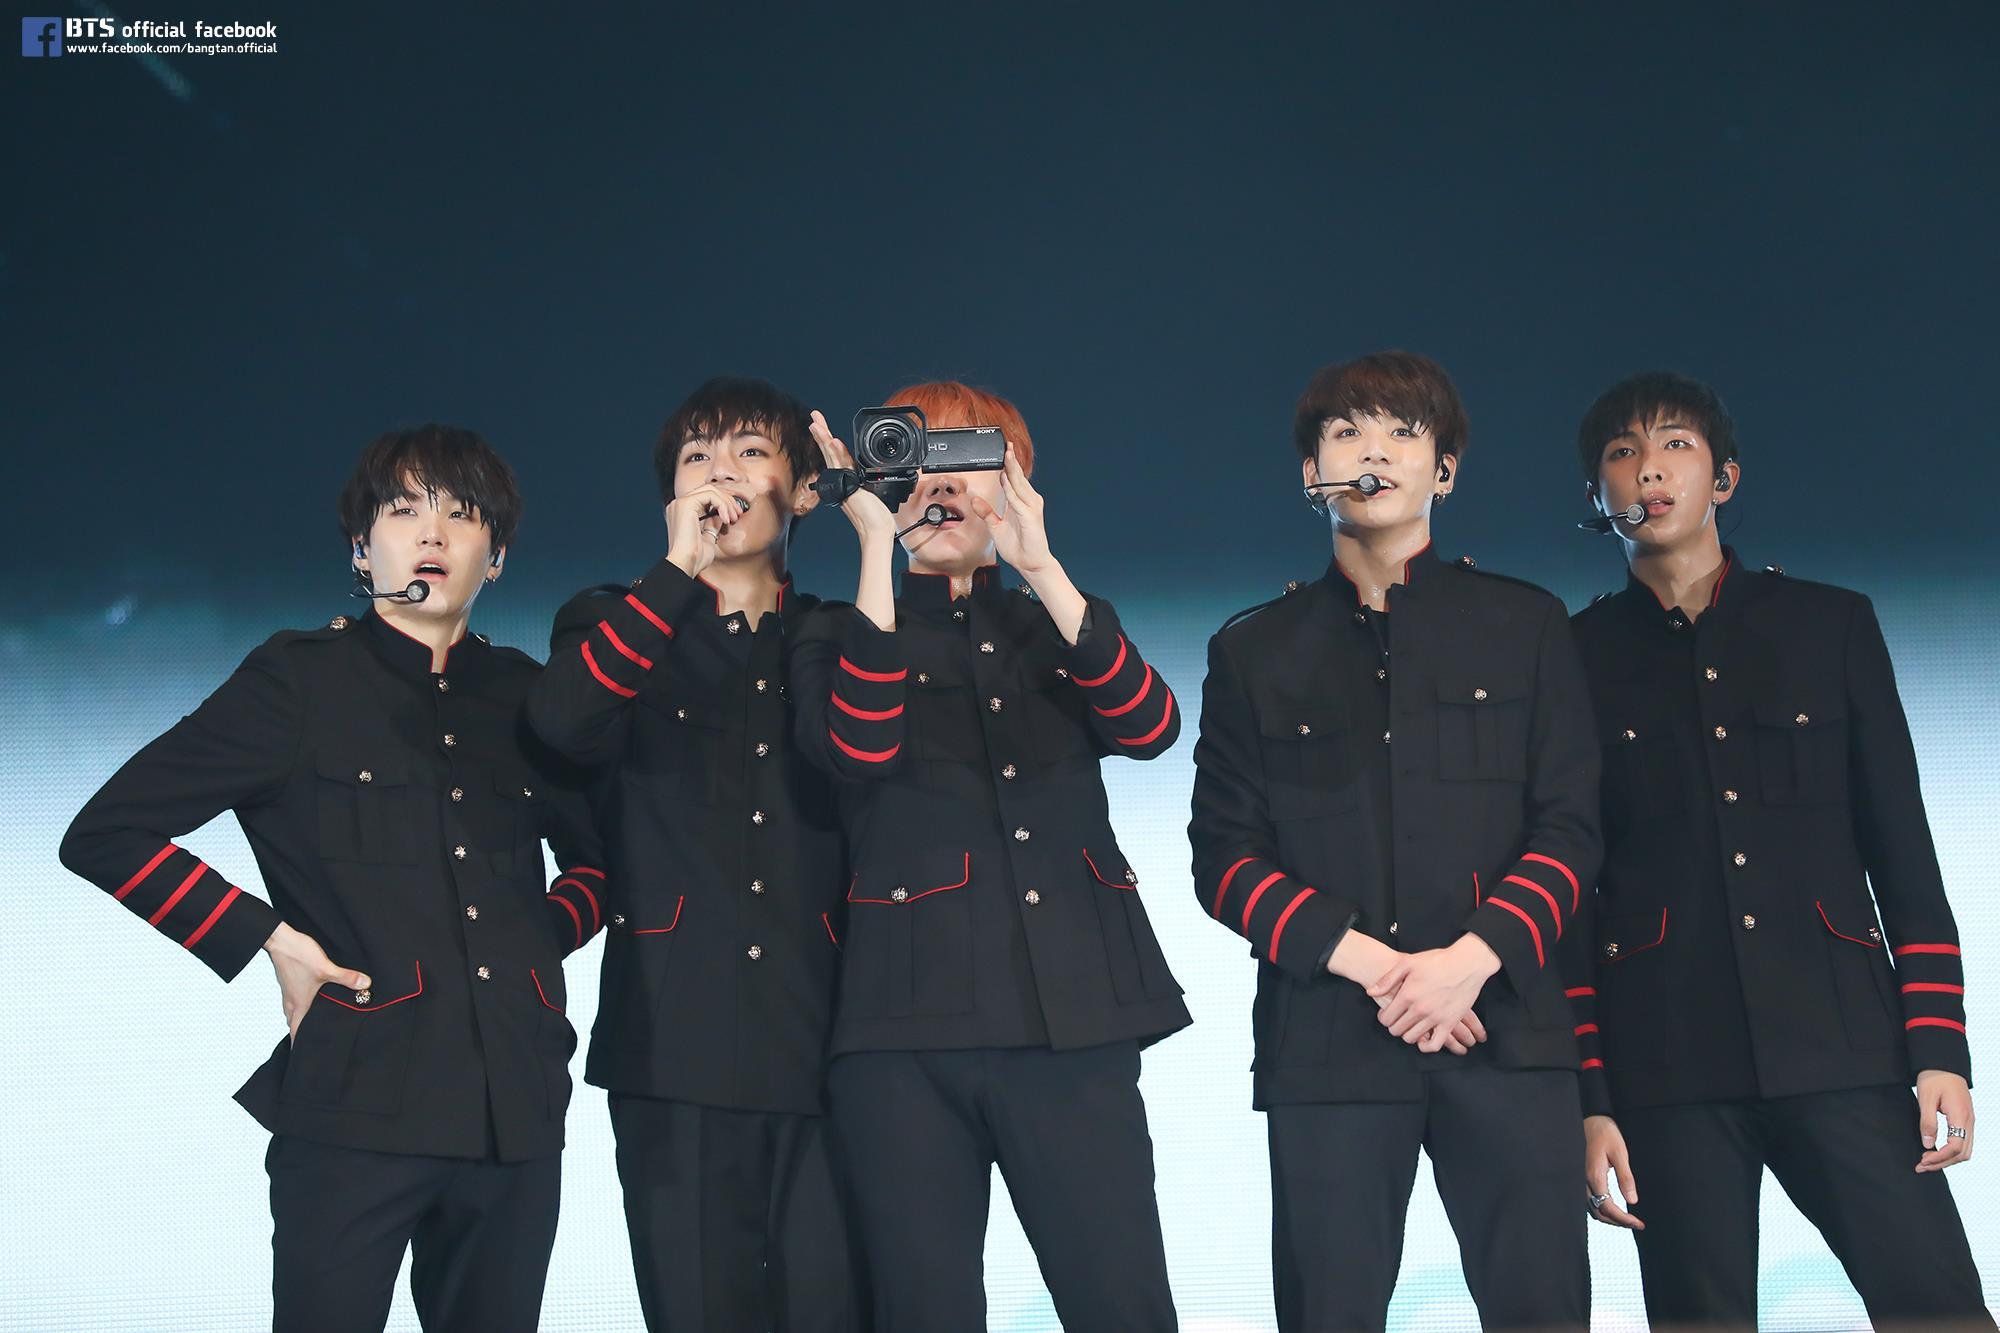 防彈少年團 而在EXO 之後,則是這兩年真的人氣大爆增的防彈少年團。而且不得不說成員的嗓音和曲風似乎意外適合日文版本欸!